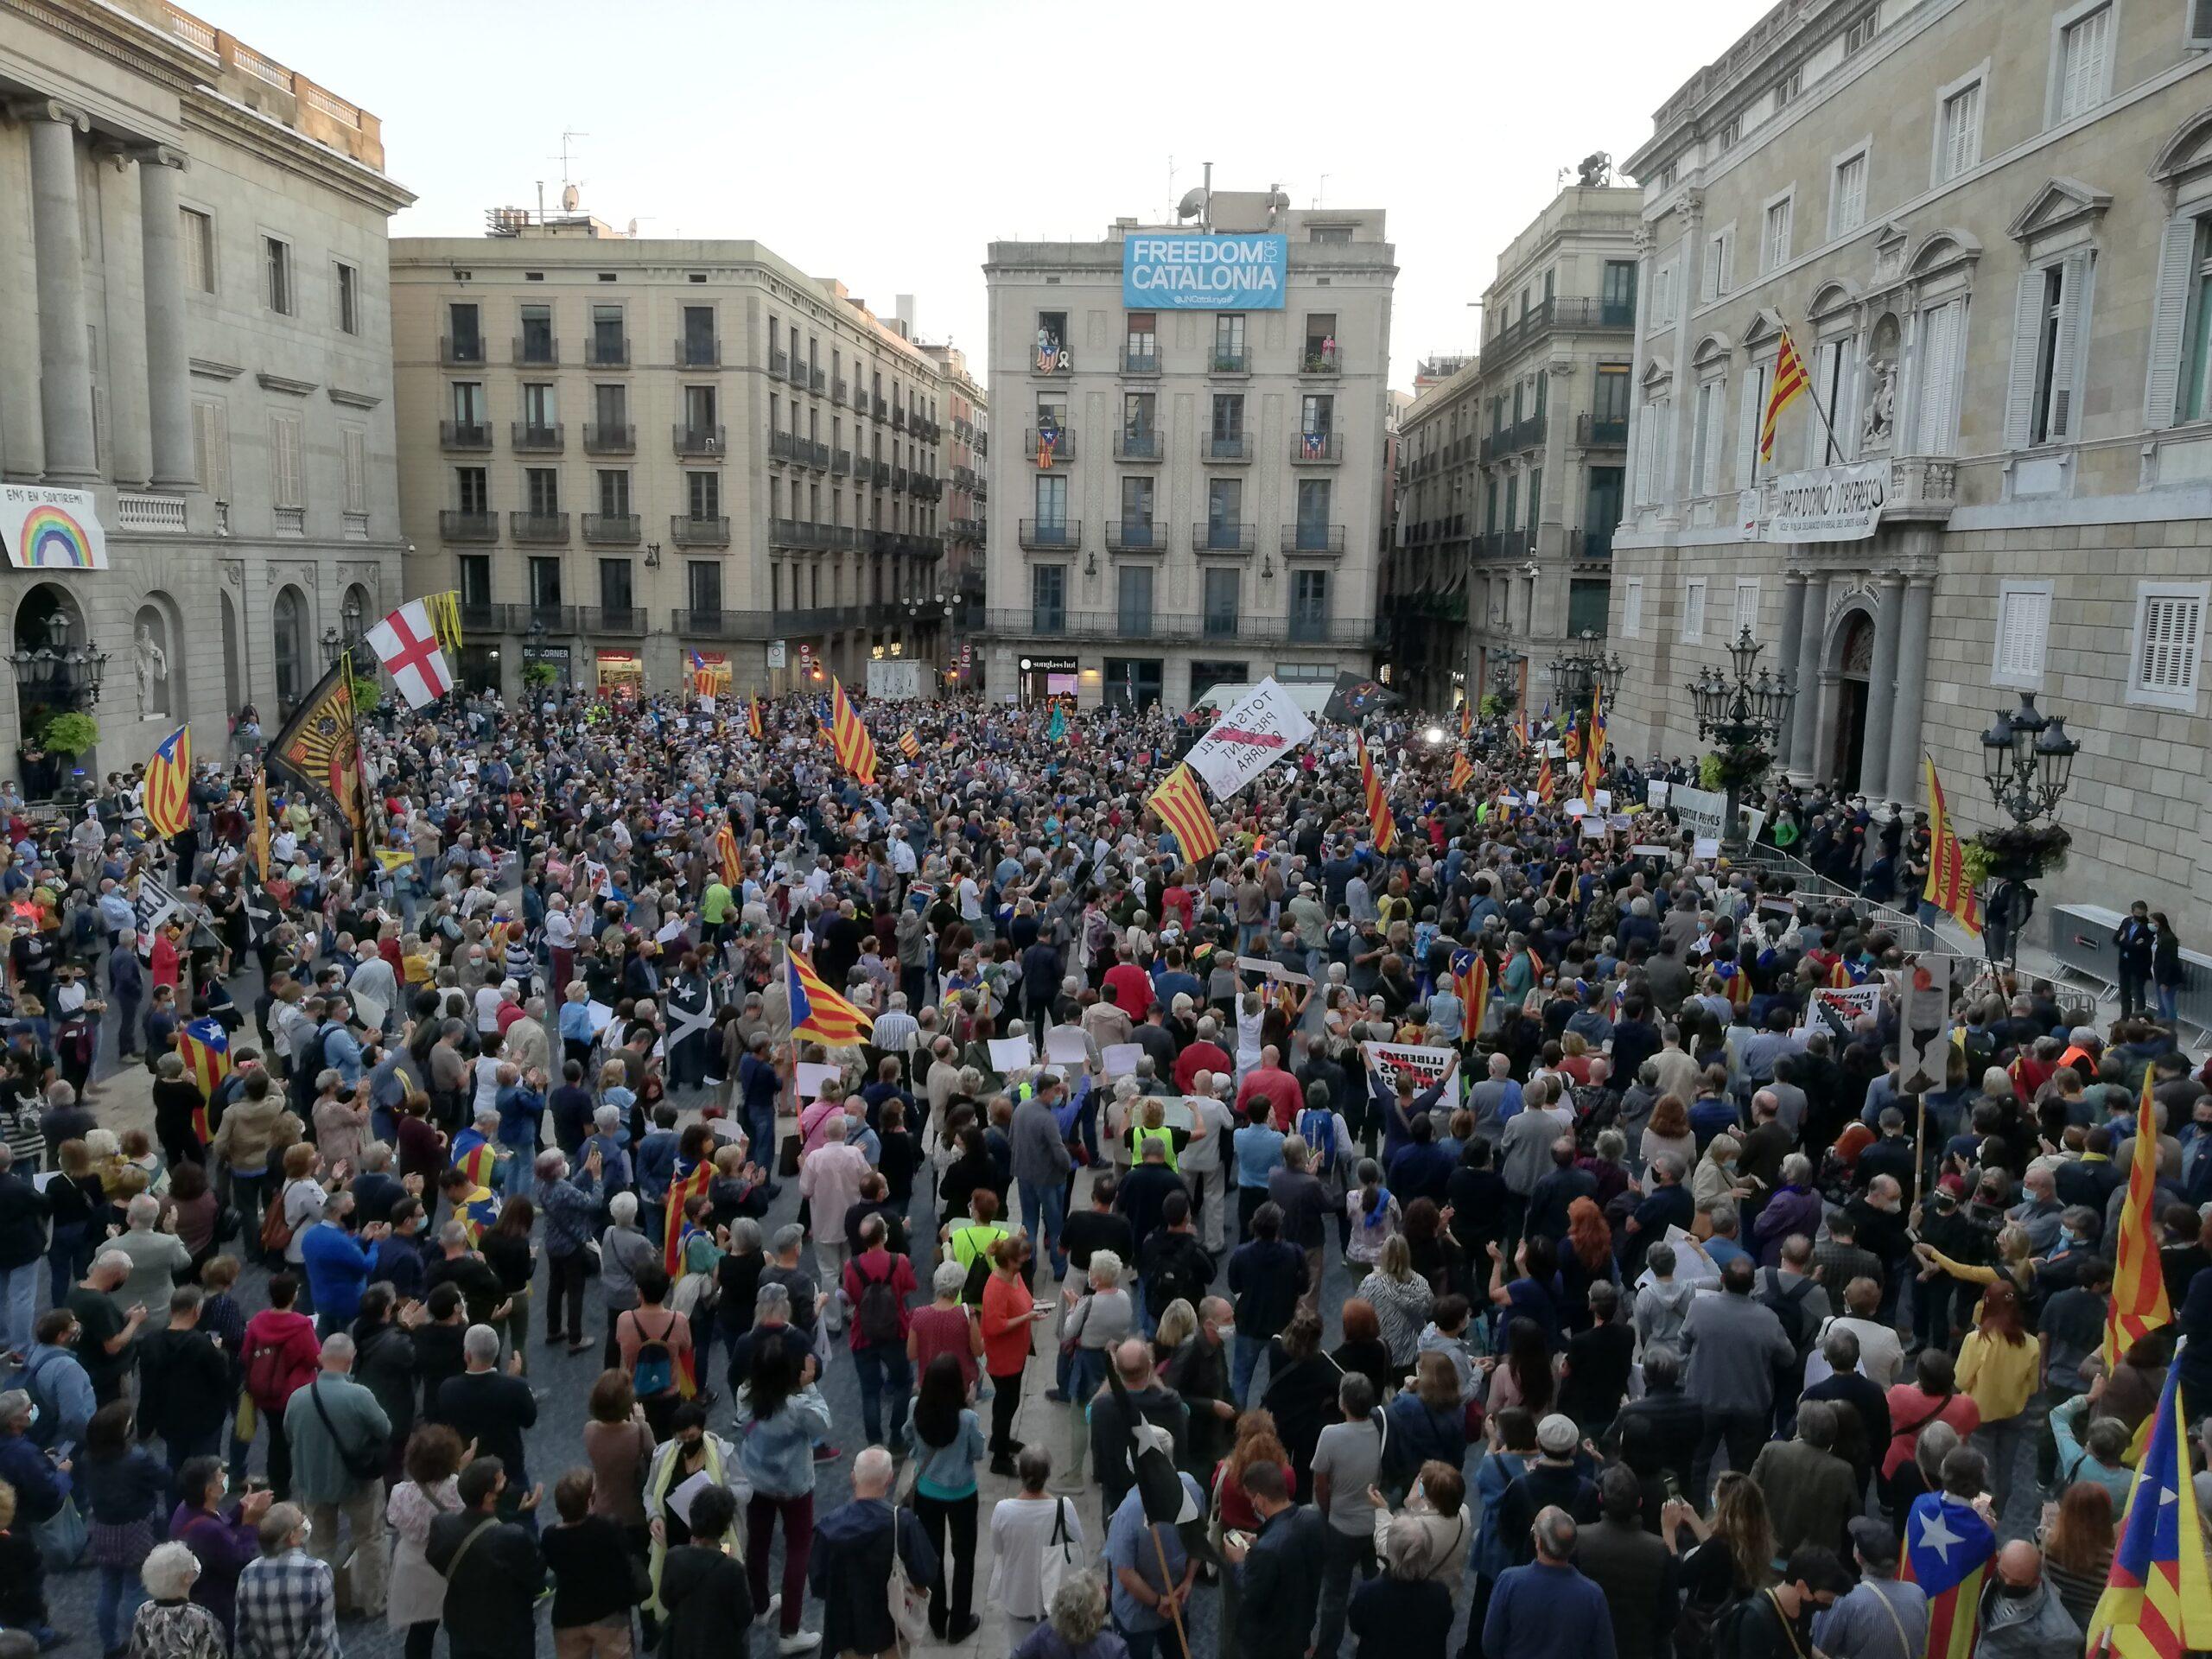 La plaça Sant Jaume, plena a vessar per acomiadar Quim Torra / Adrià Lizanda